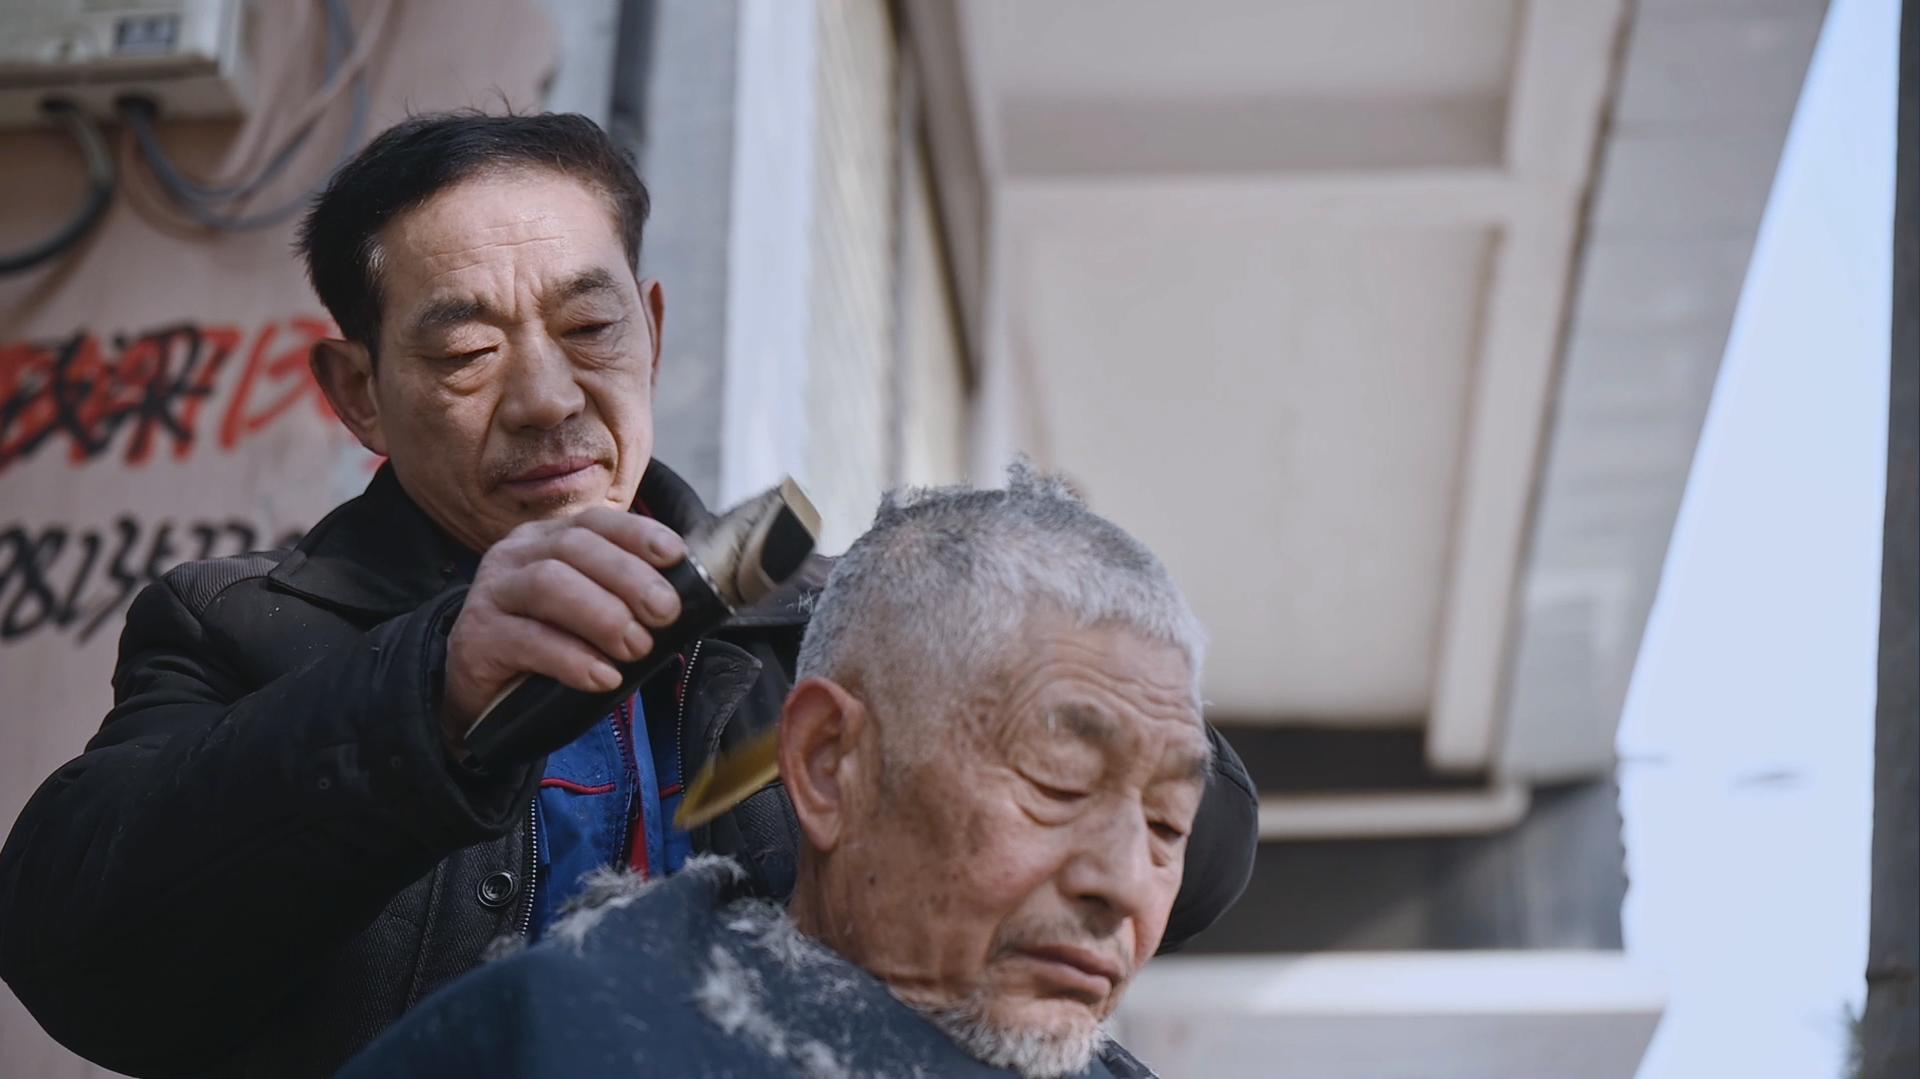 韩仕梅丈夫。 澎湃新闻记者 柳婧文 曾茵子 图